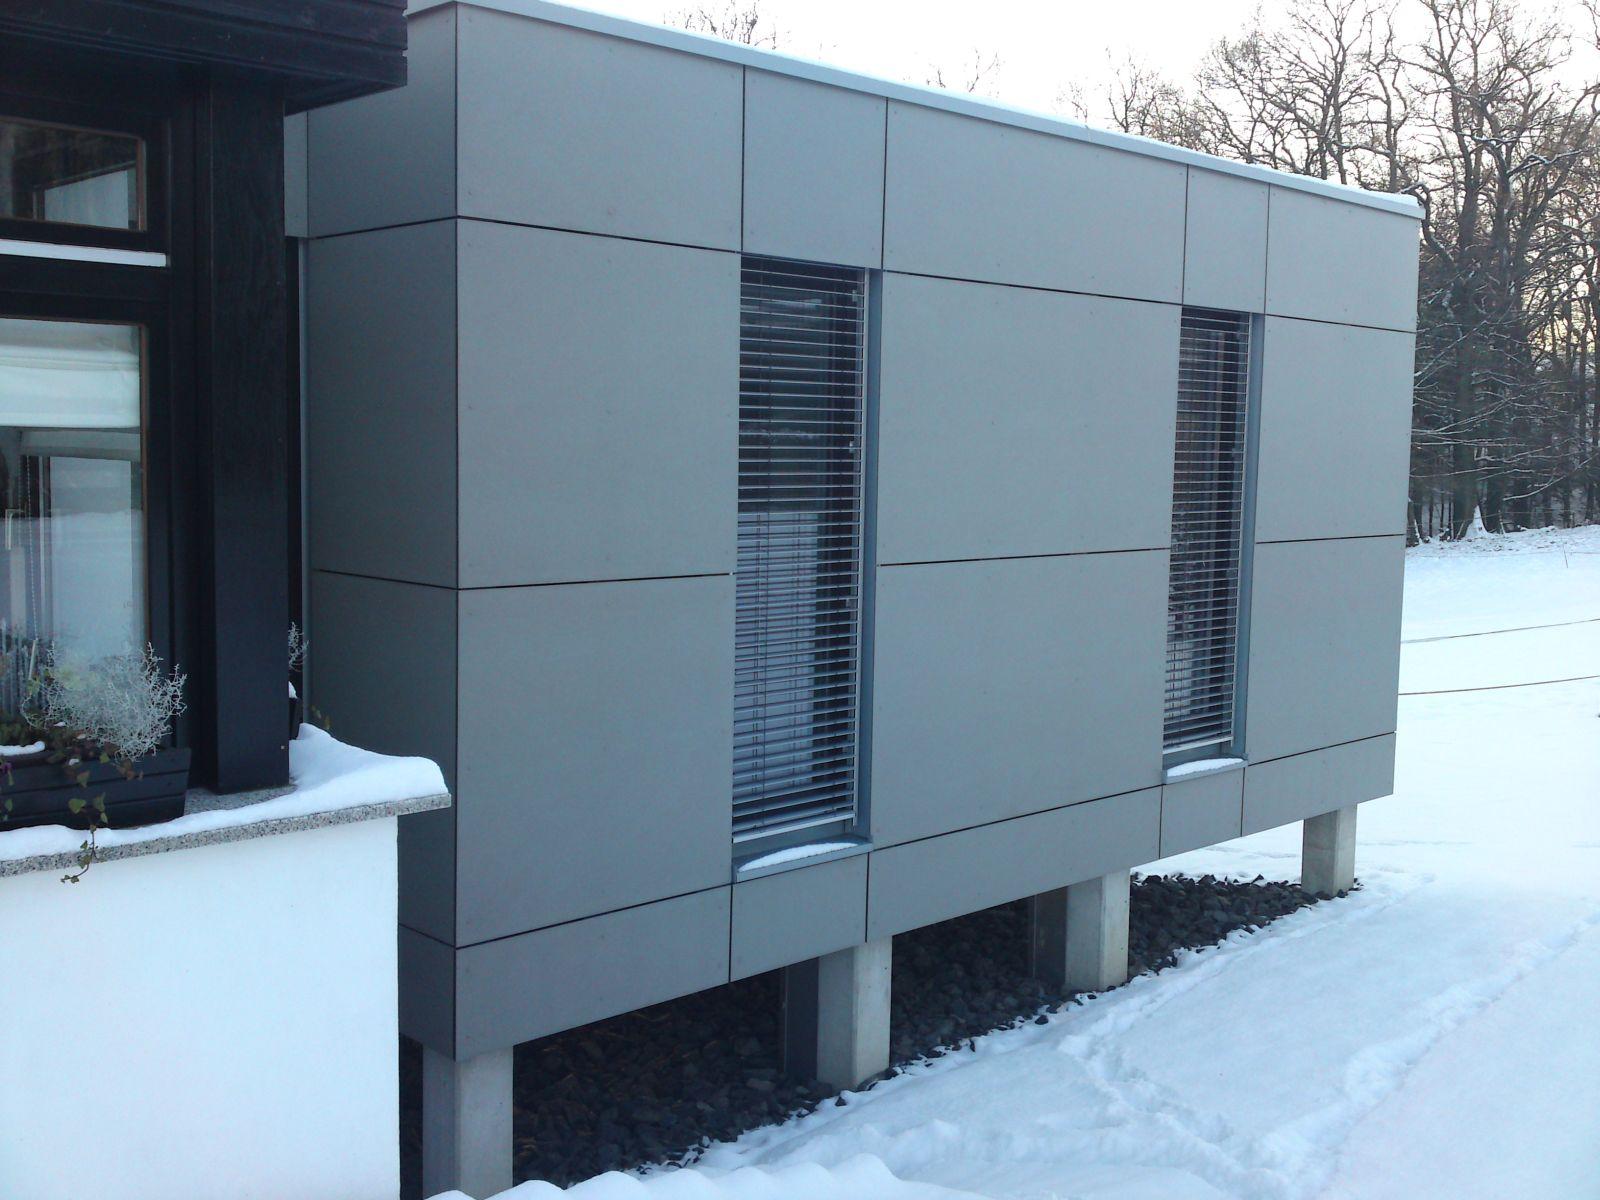 Extrem Architektenfassade Eternit Natura Much – Bedachungen Arnolds GmbH VT41